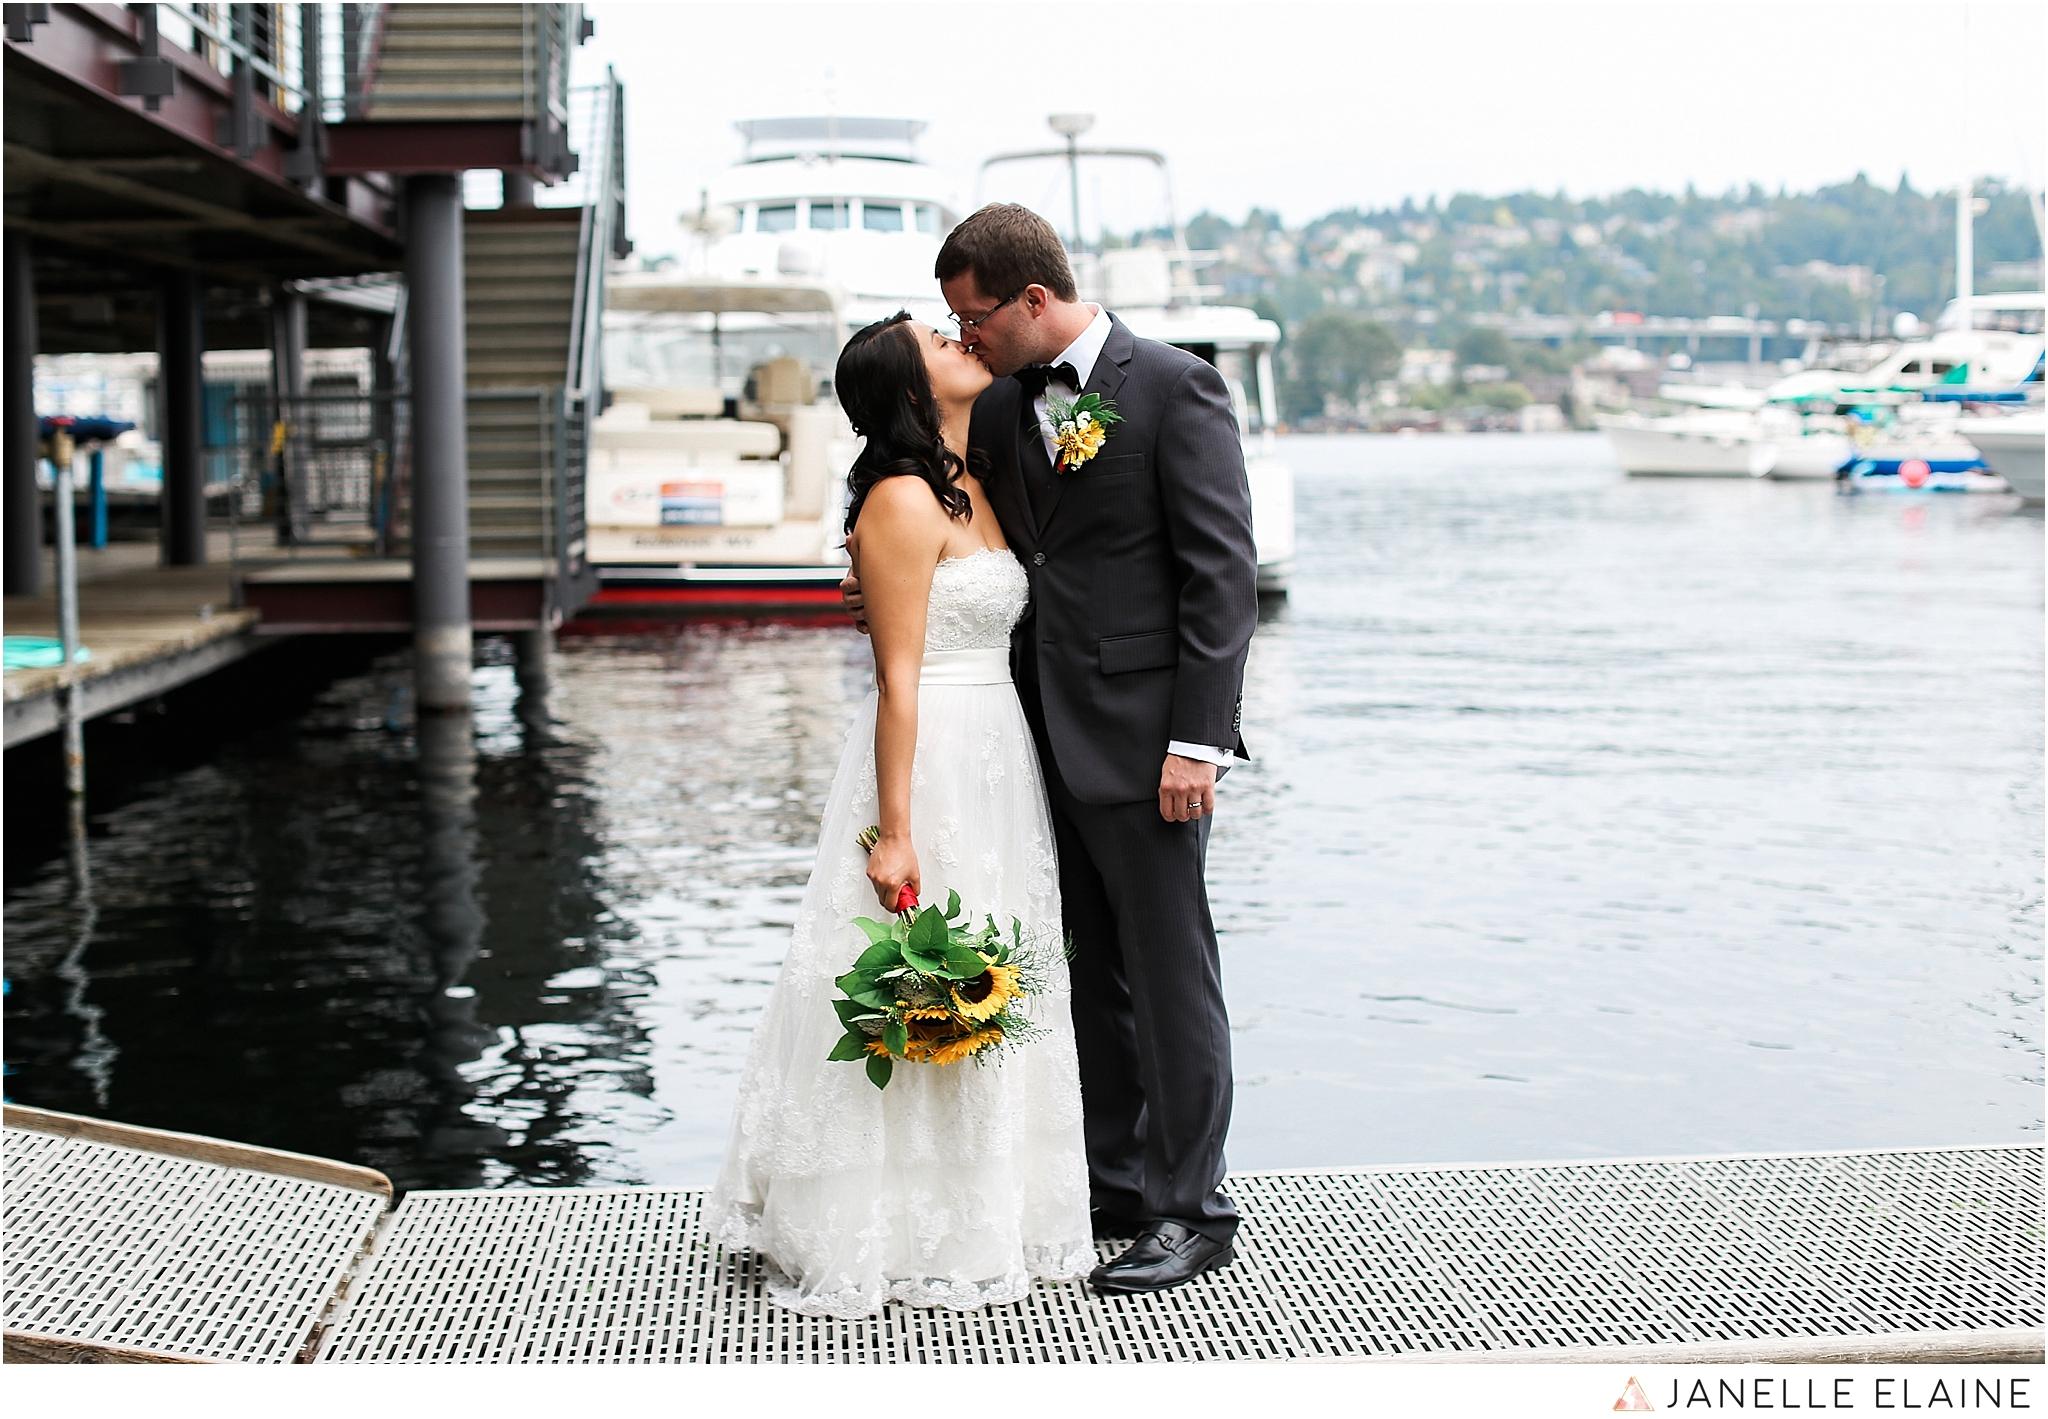 janelle elaine photography-professional wedding photographer seattle--81.jpg